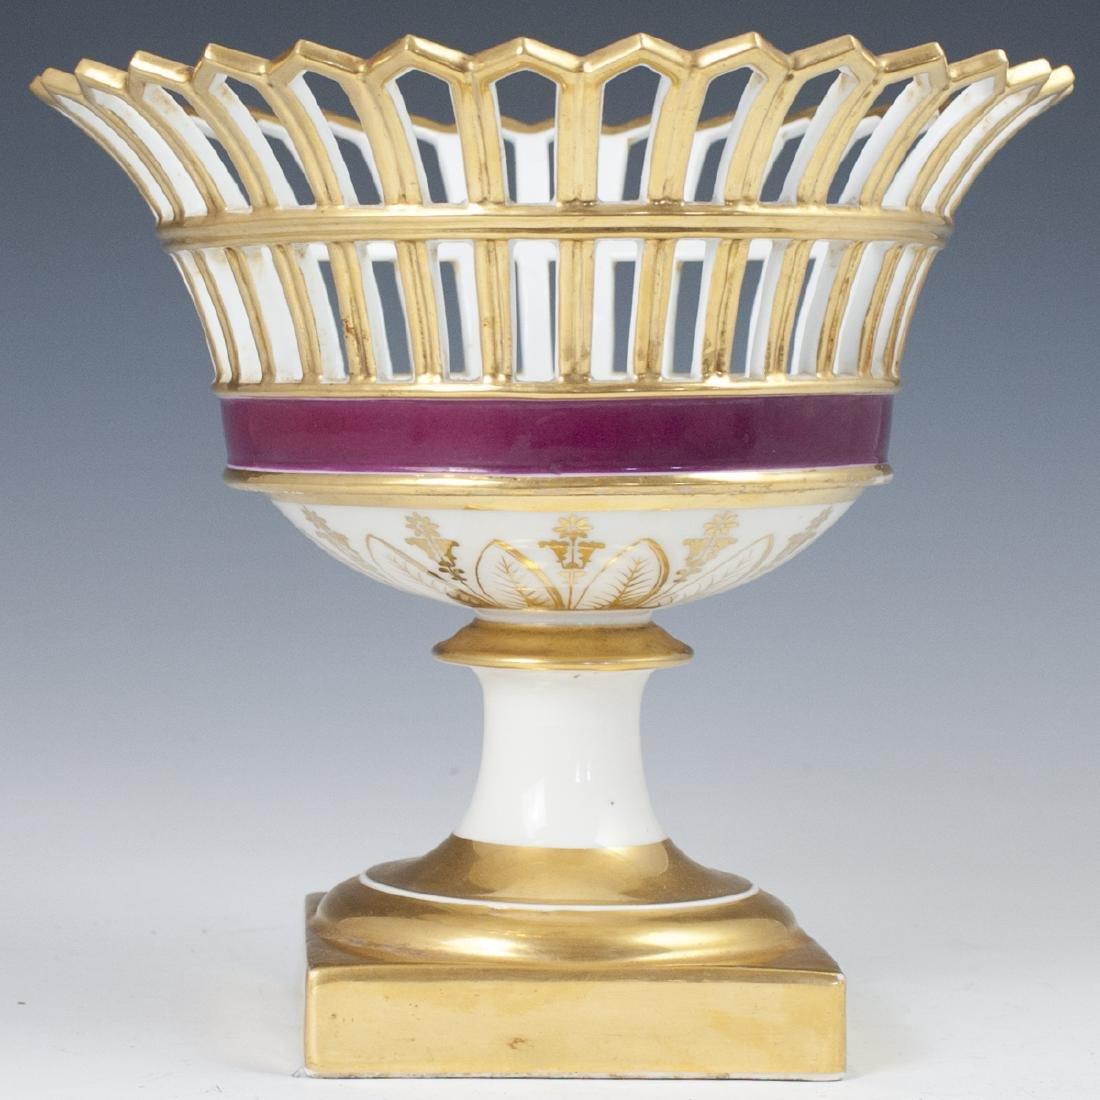 Antique German Porcelain Compote - 6